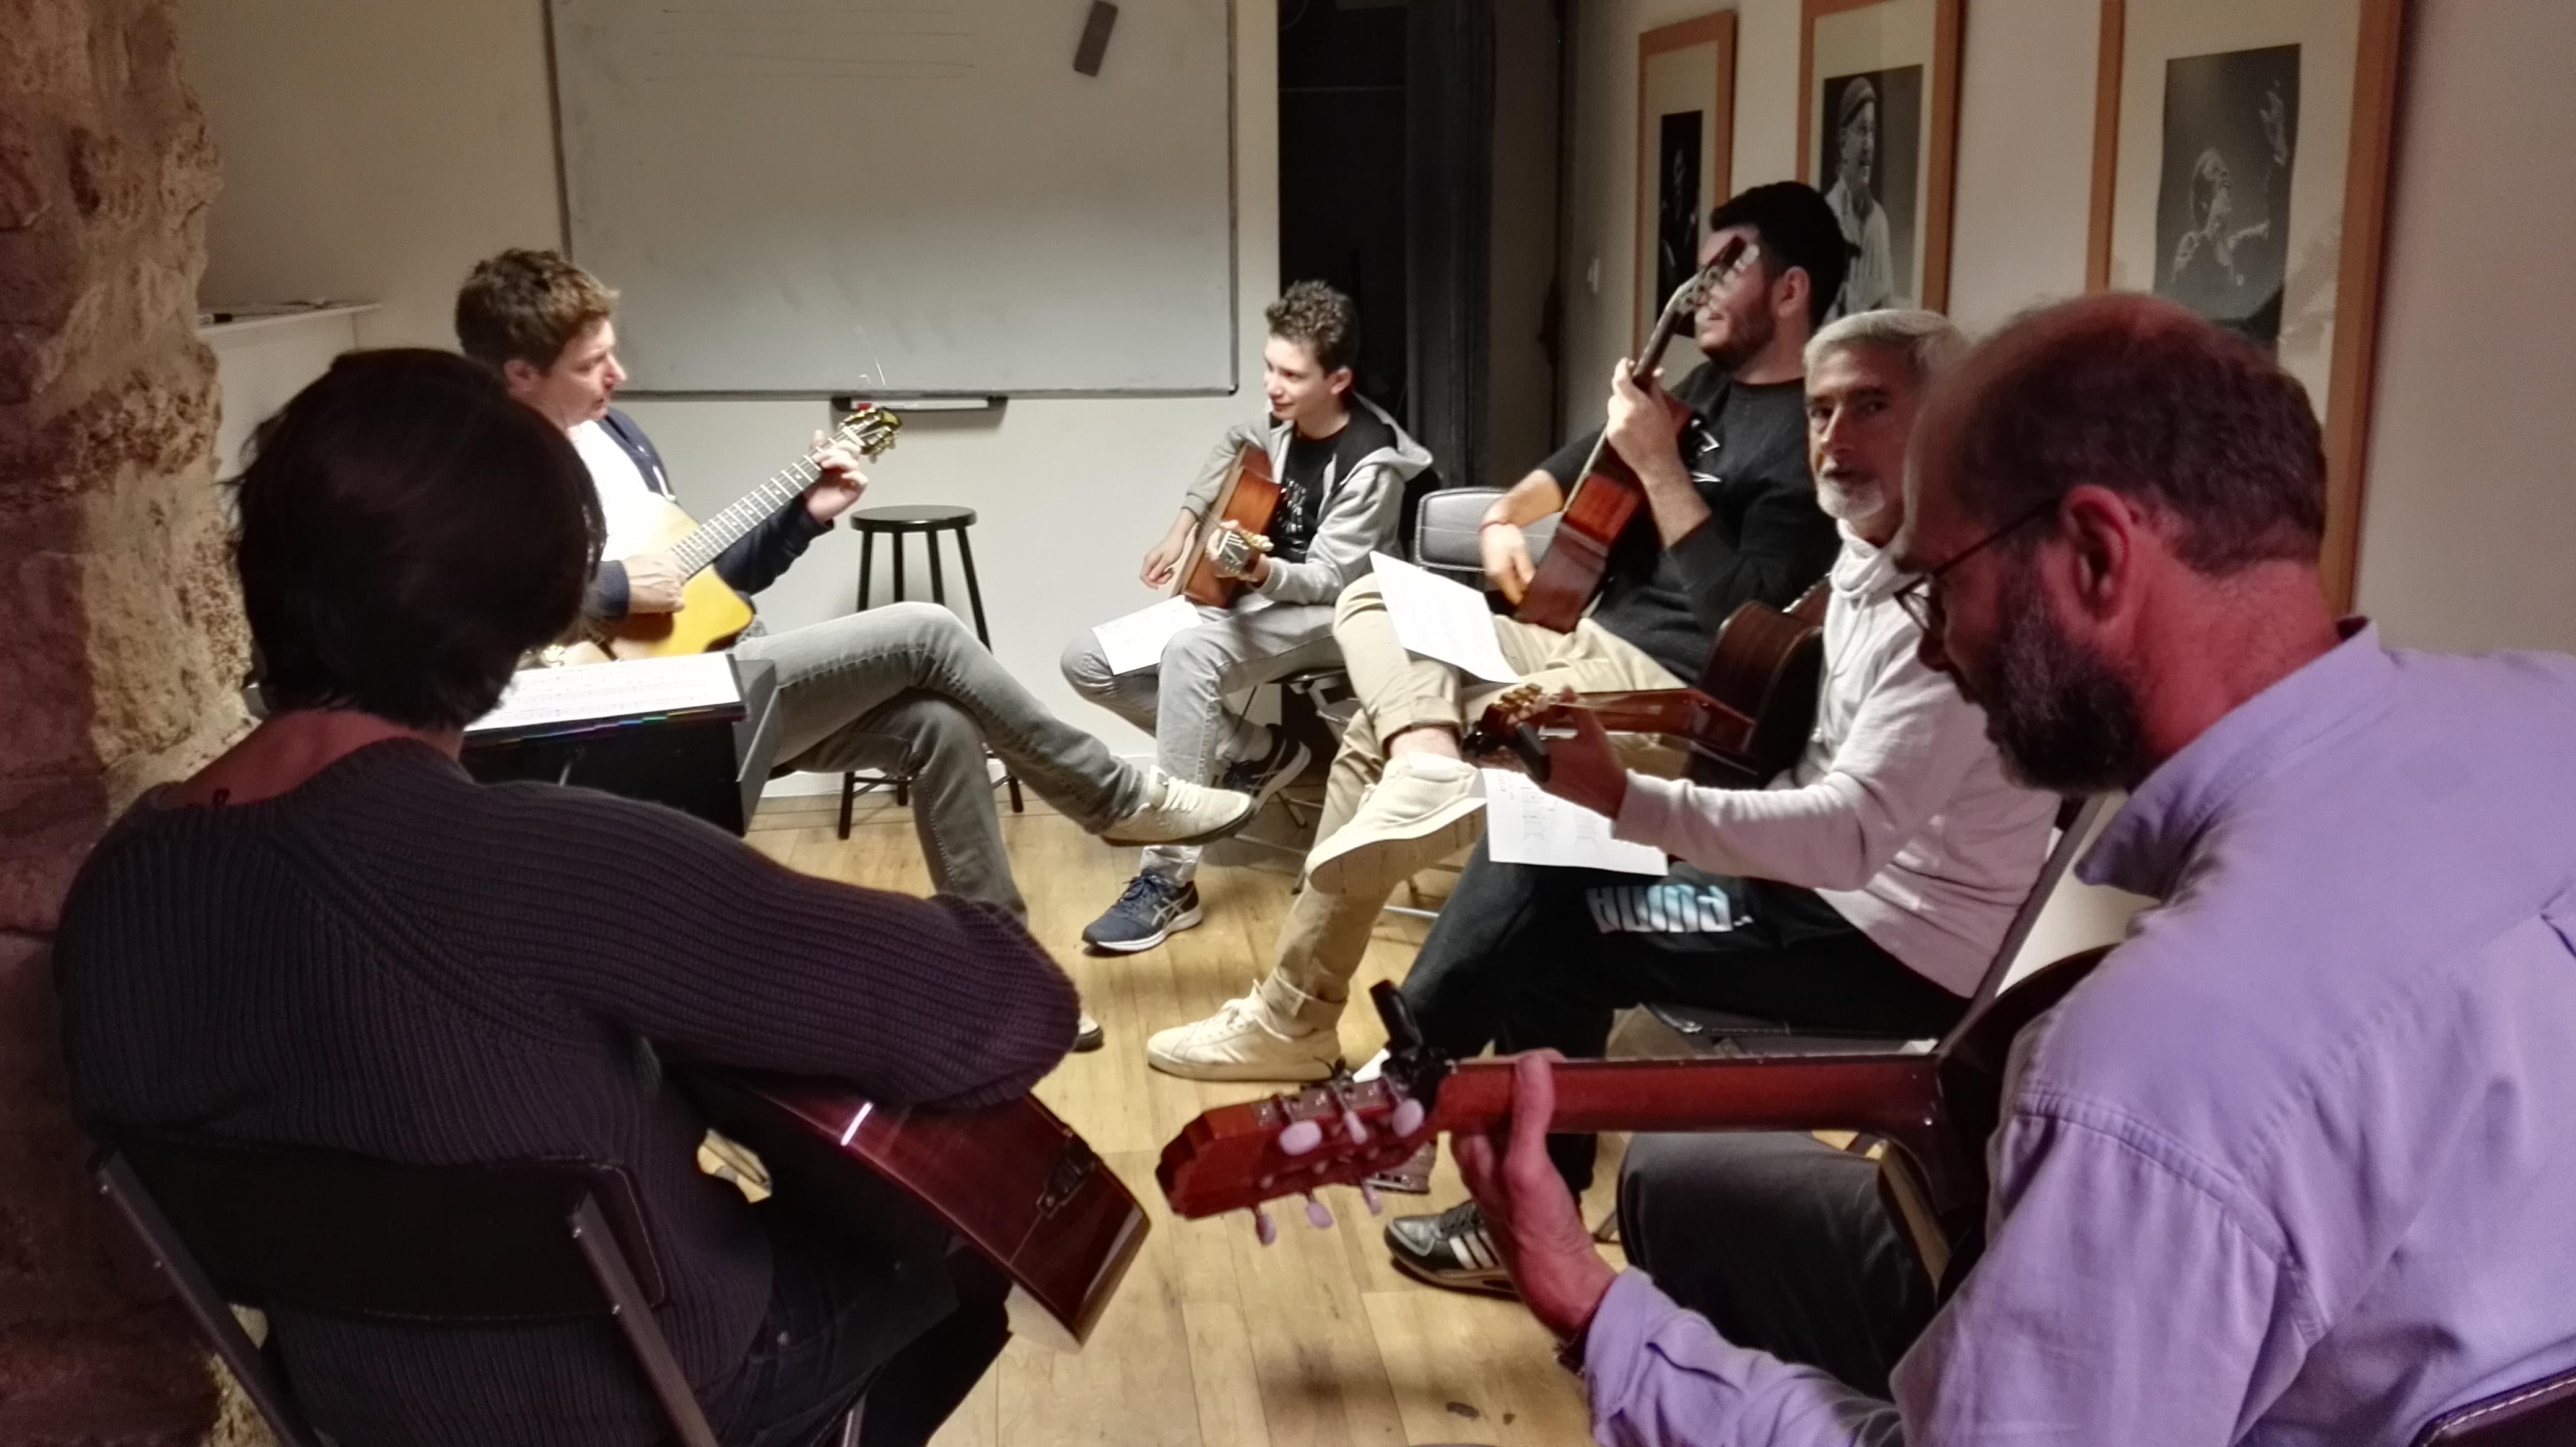 Cours de guitare amateur Swing Romane Académie